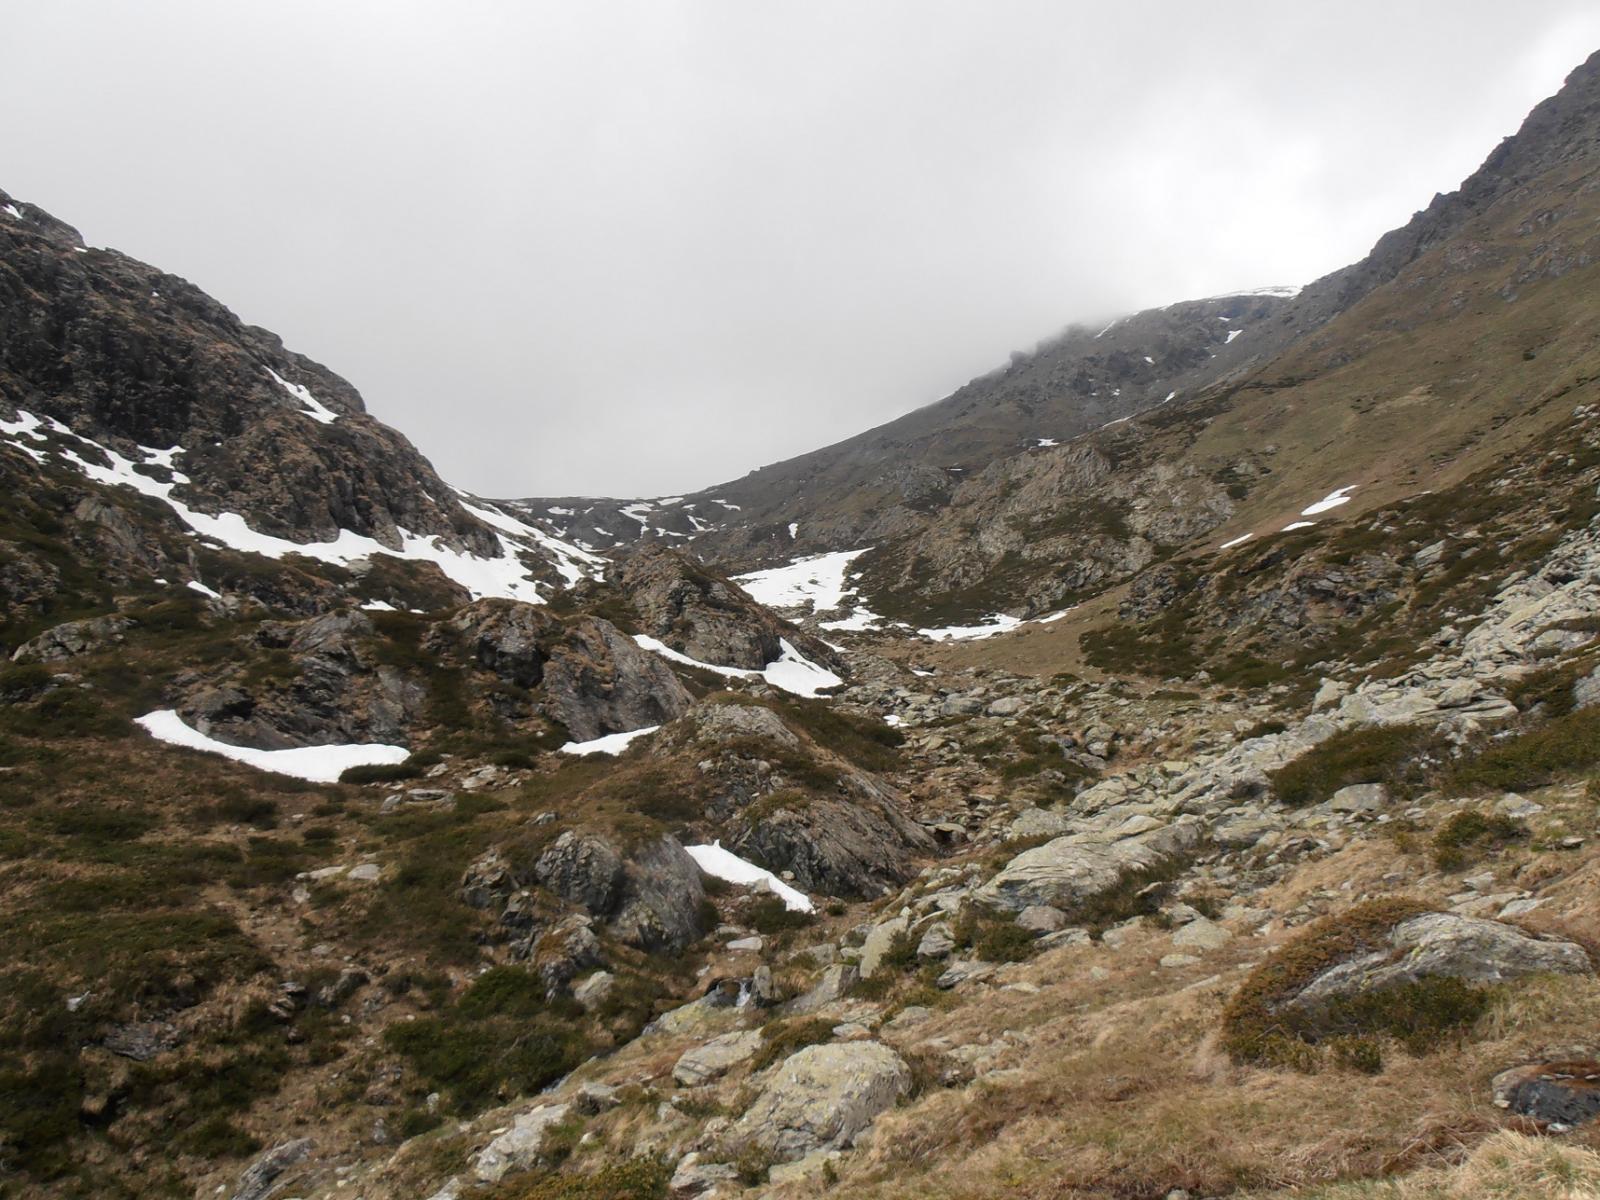 20 - la neve finisce quando il vallone svolta a sud